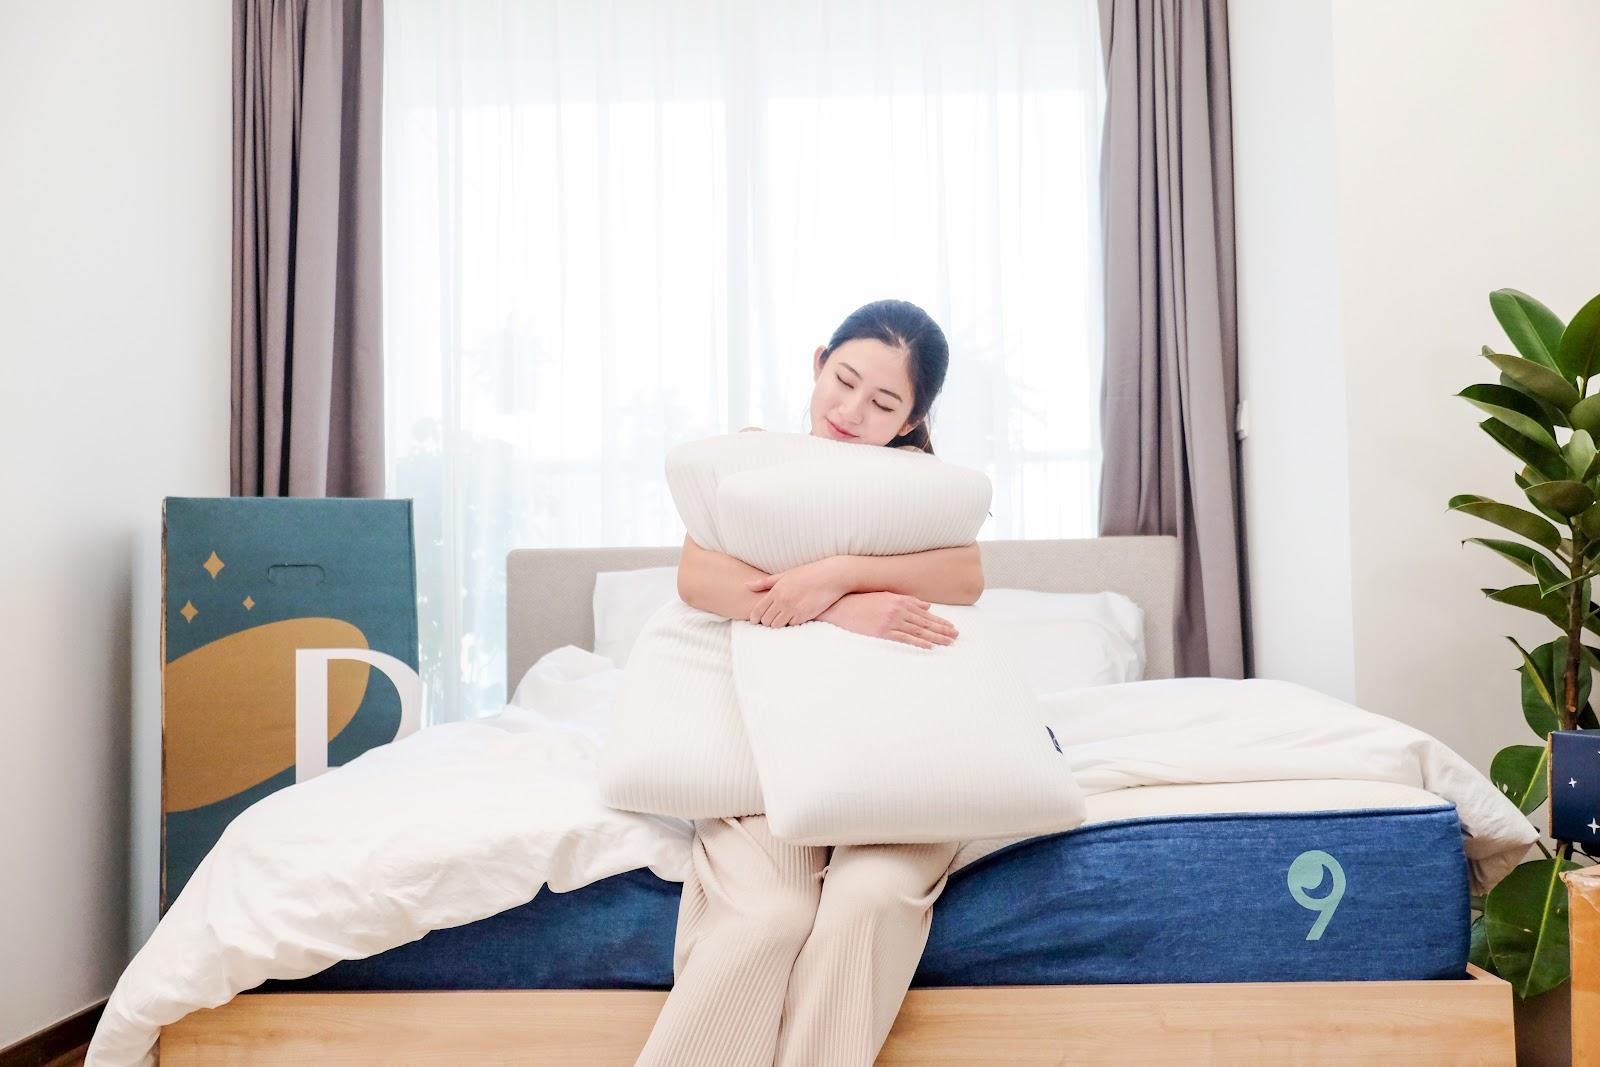 gối ngủ ngon với độ cao kích thước gối lý tưởng